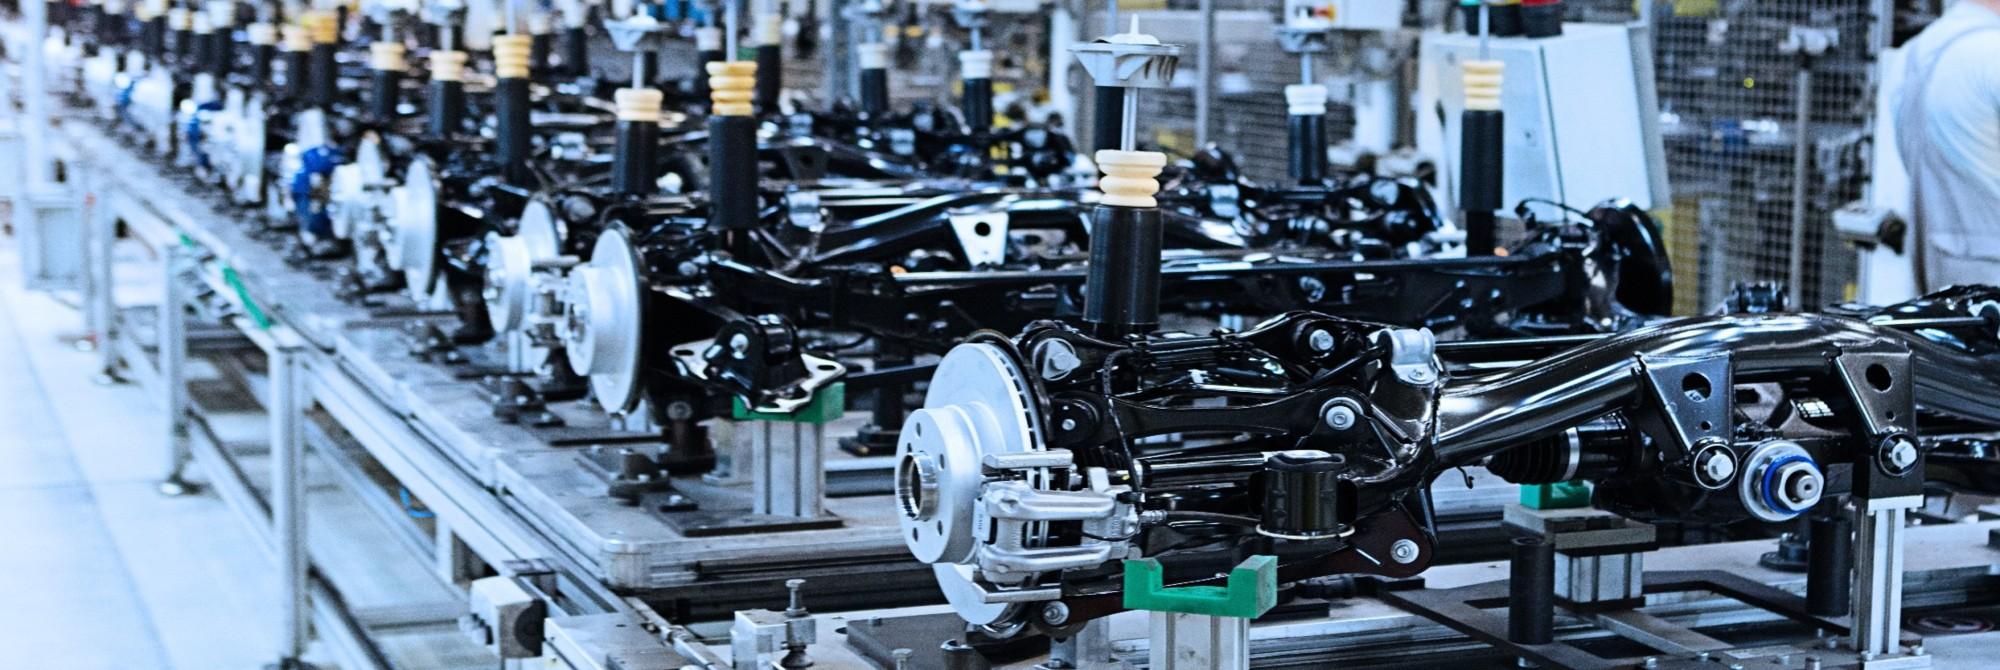 thyssenkrupp Automotive Systems